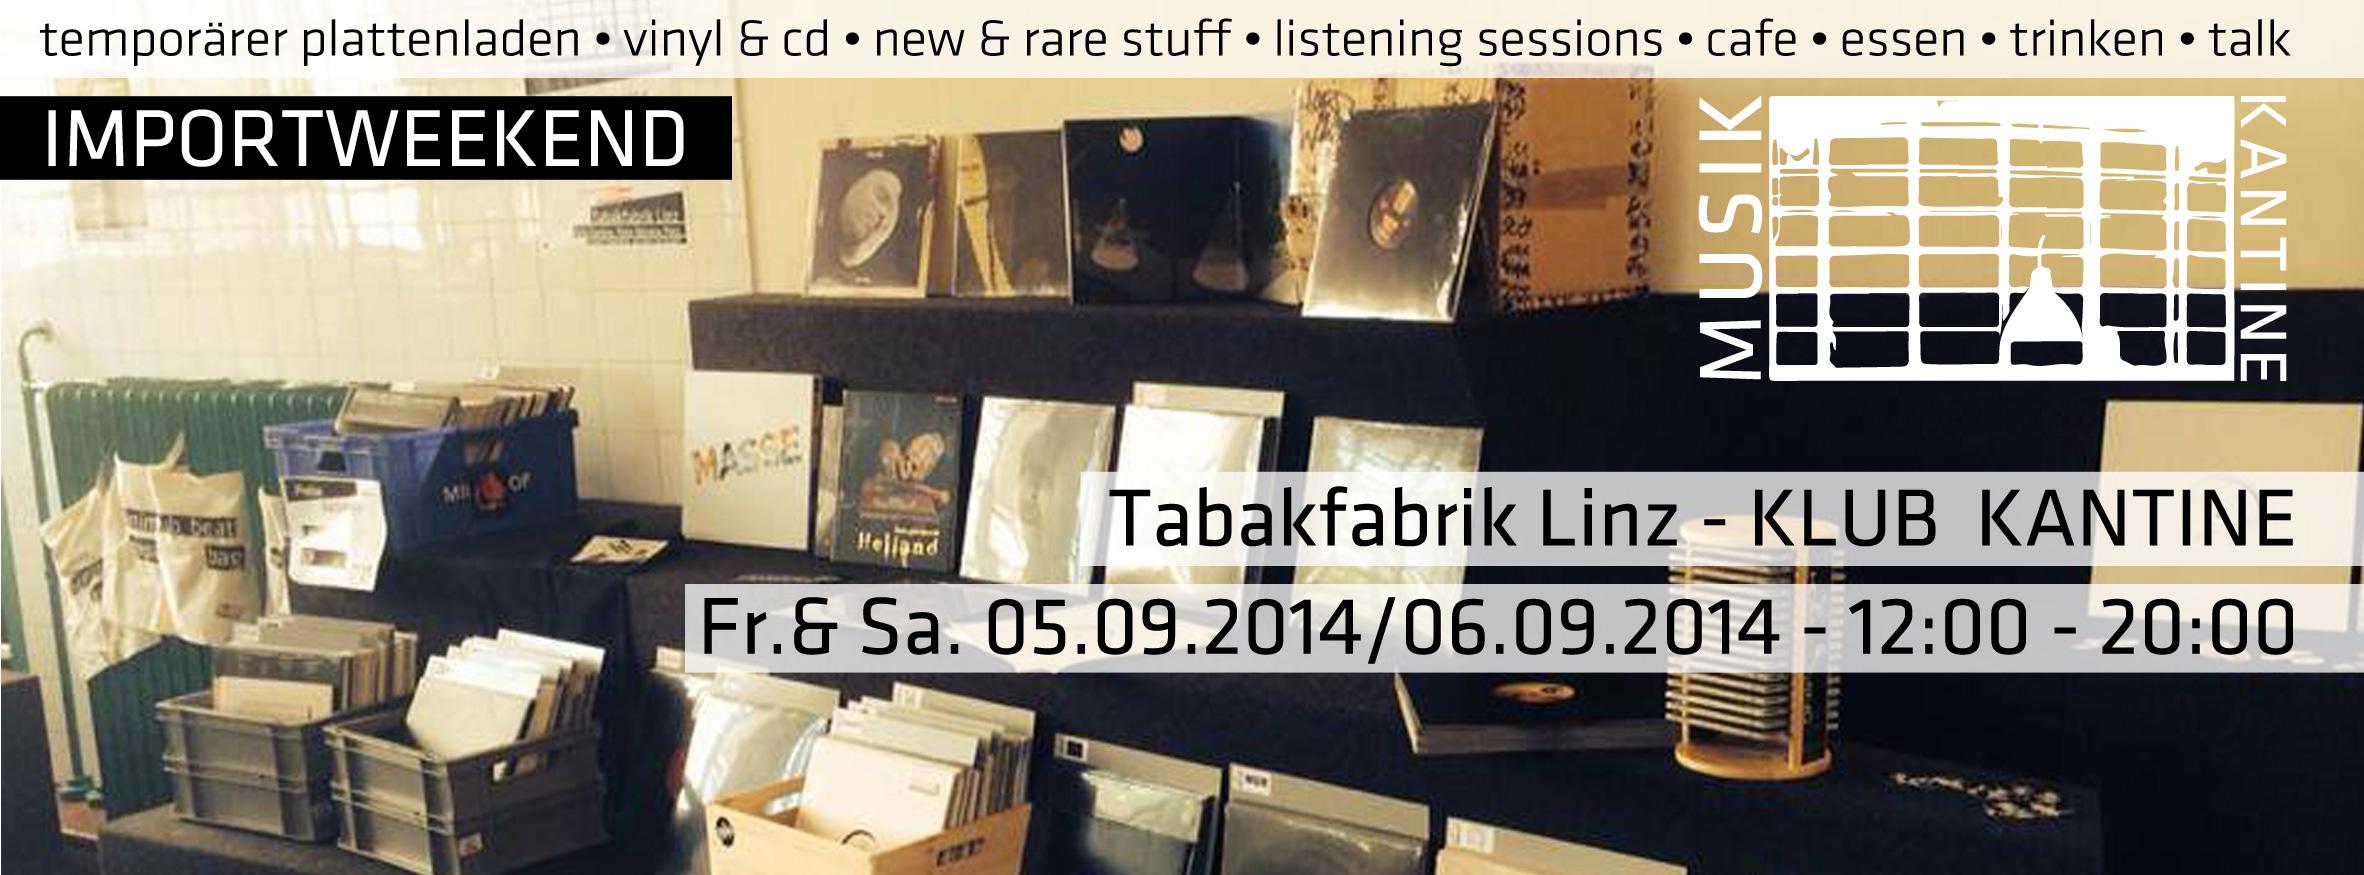 Musik-Kantine__05060914_tabakfabrik